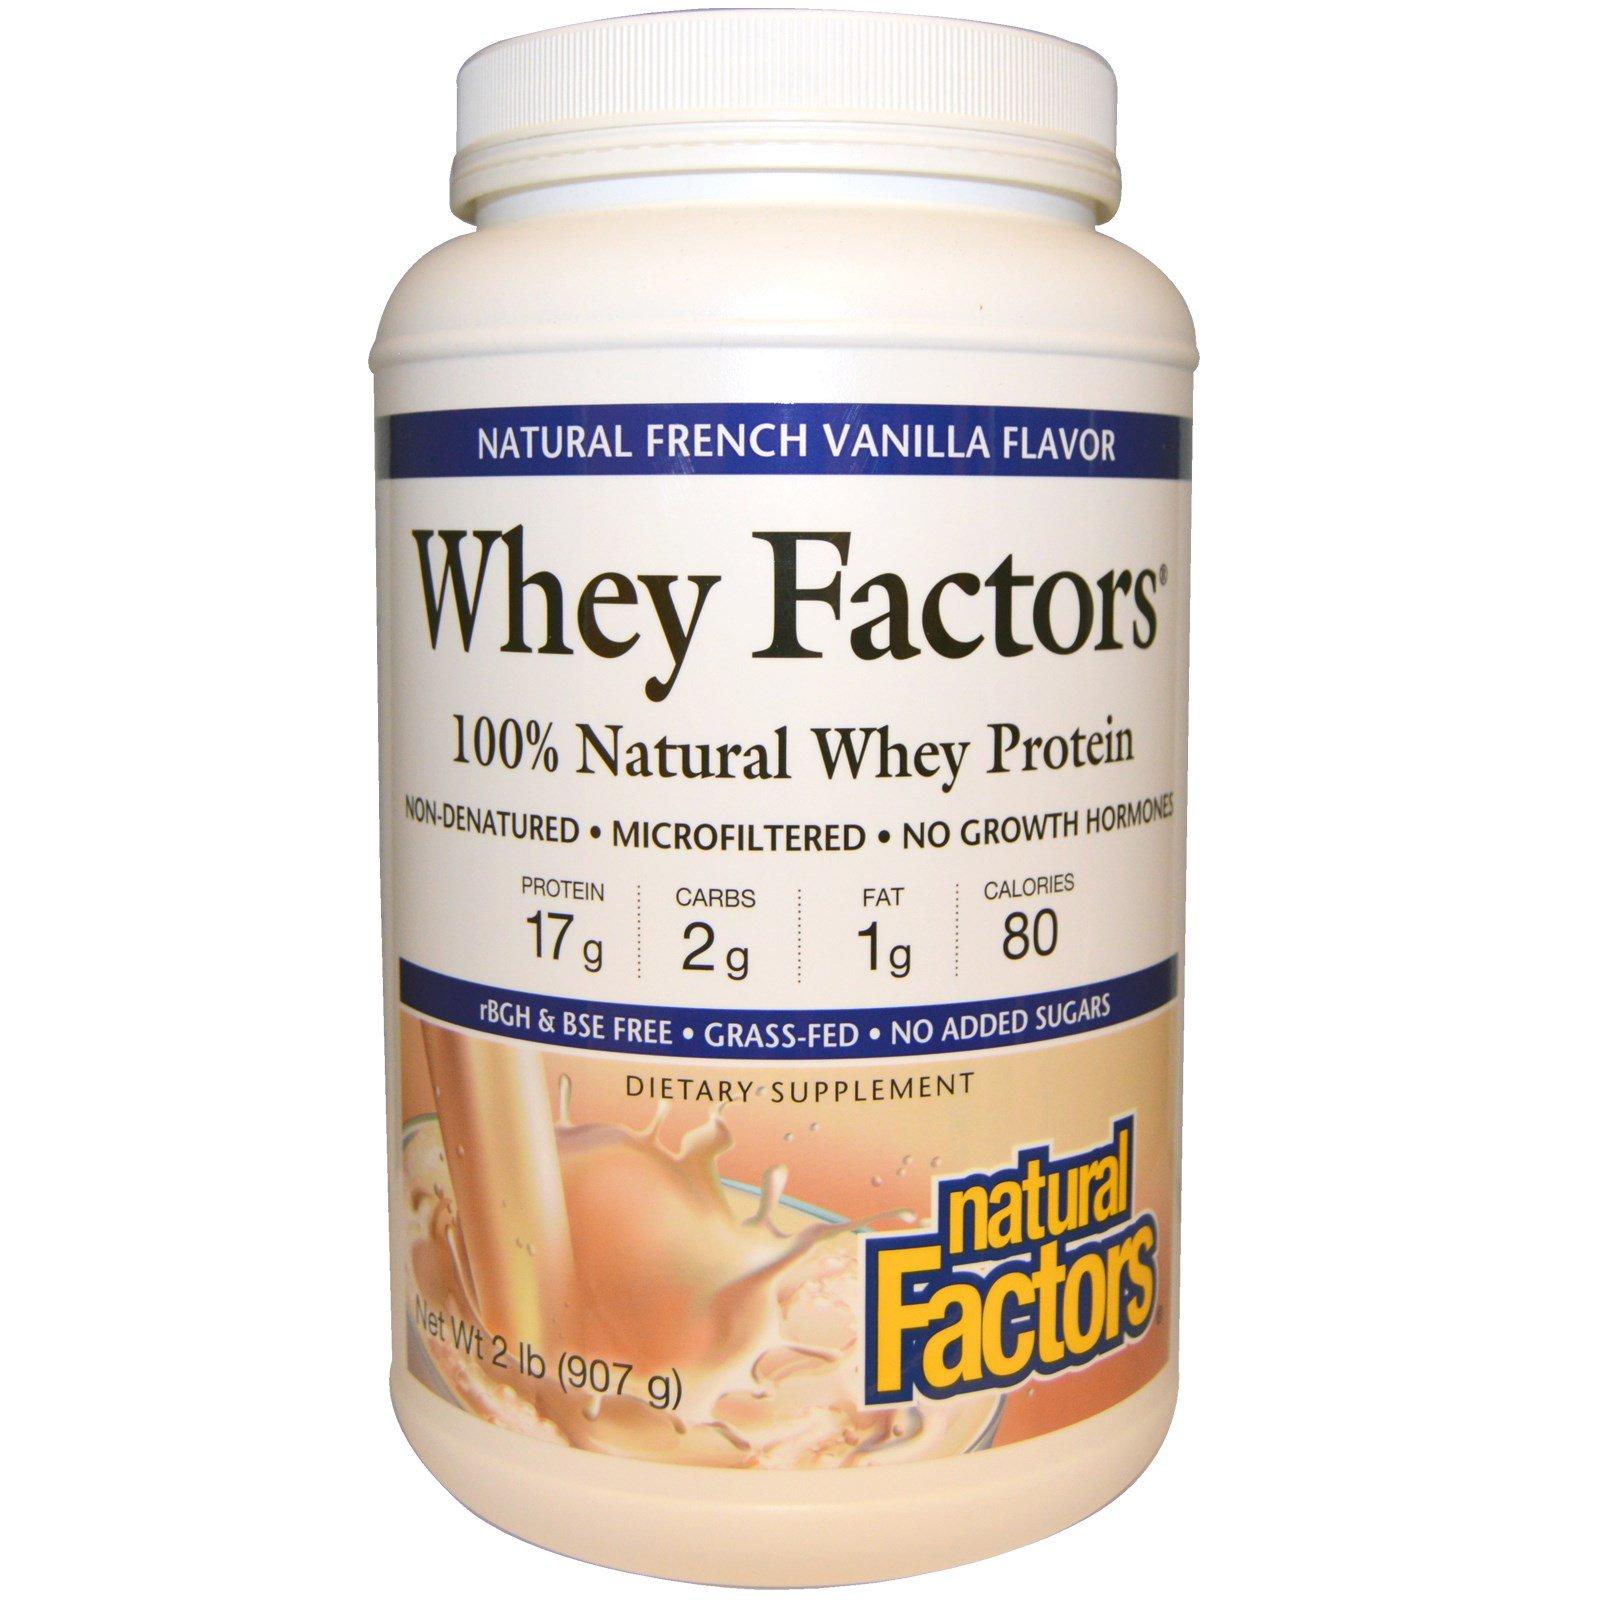 Natural Factors, Whey Factors, 100% натуральный сывороточный белок, с натуральным вкусом французской ванили, 2 фунта (907 г)